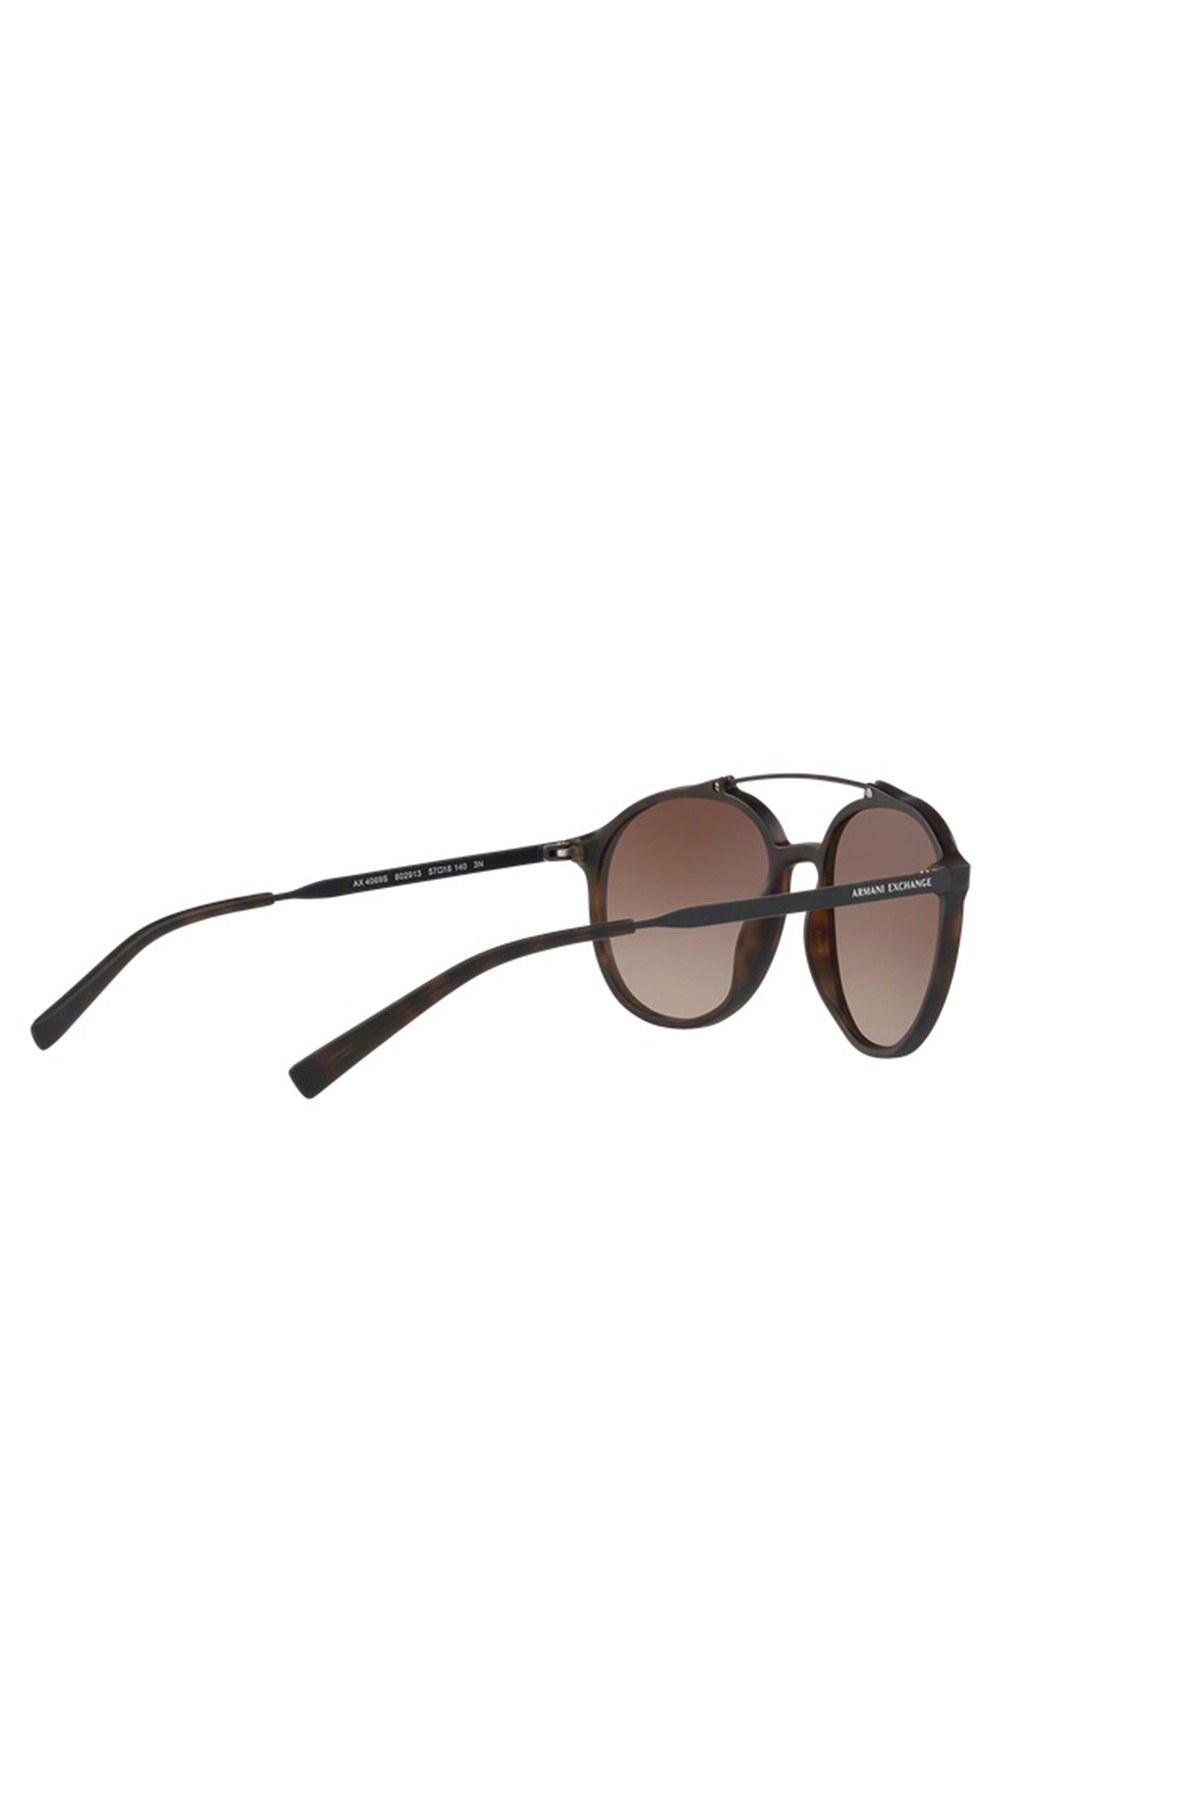 Armani Exchange Erkek Gözlük 0AX4069S 802913 57 KAHVE